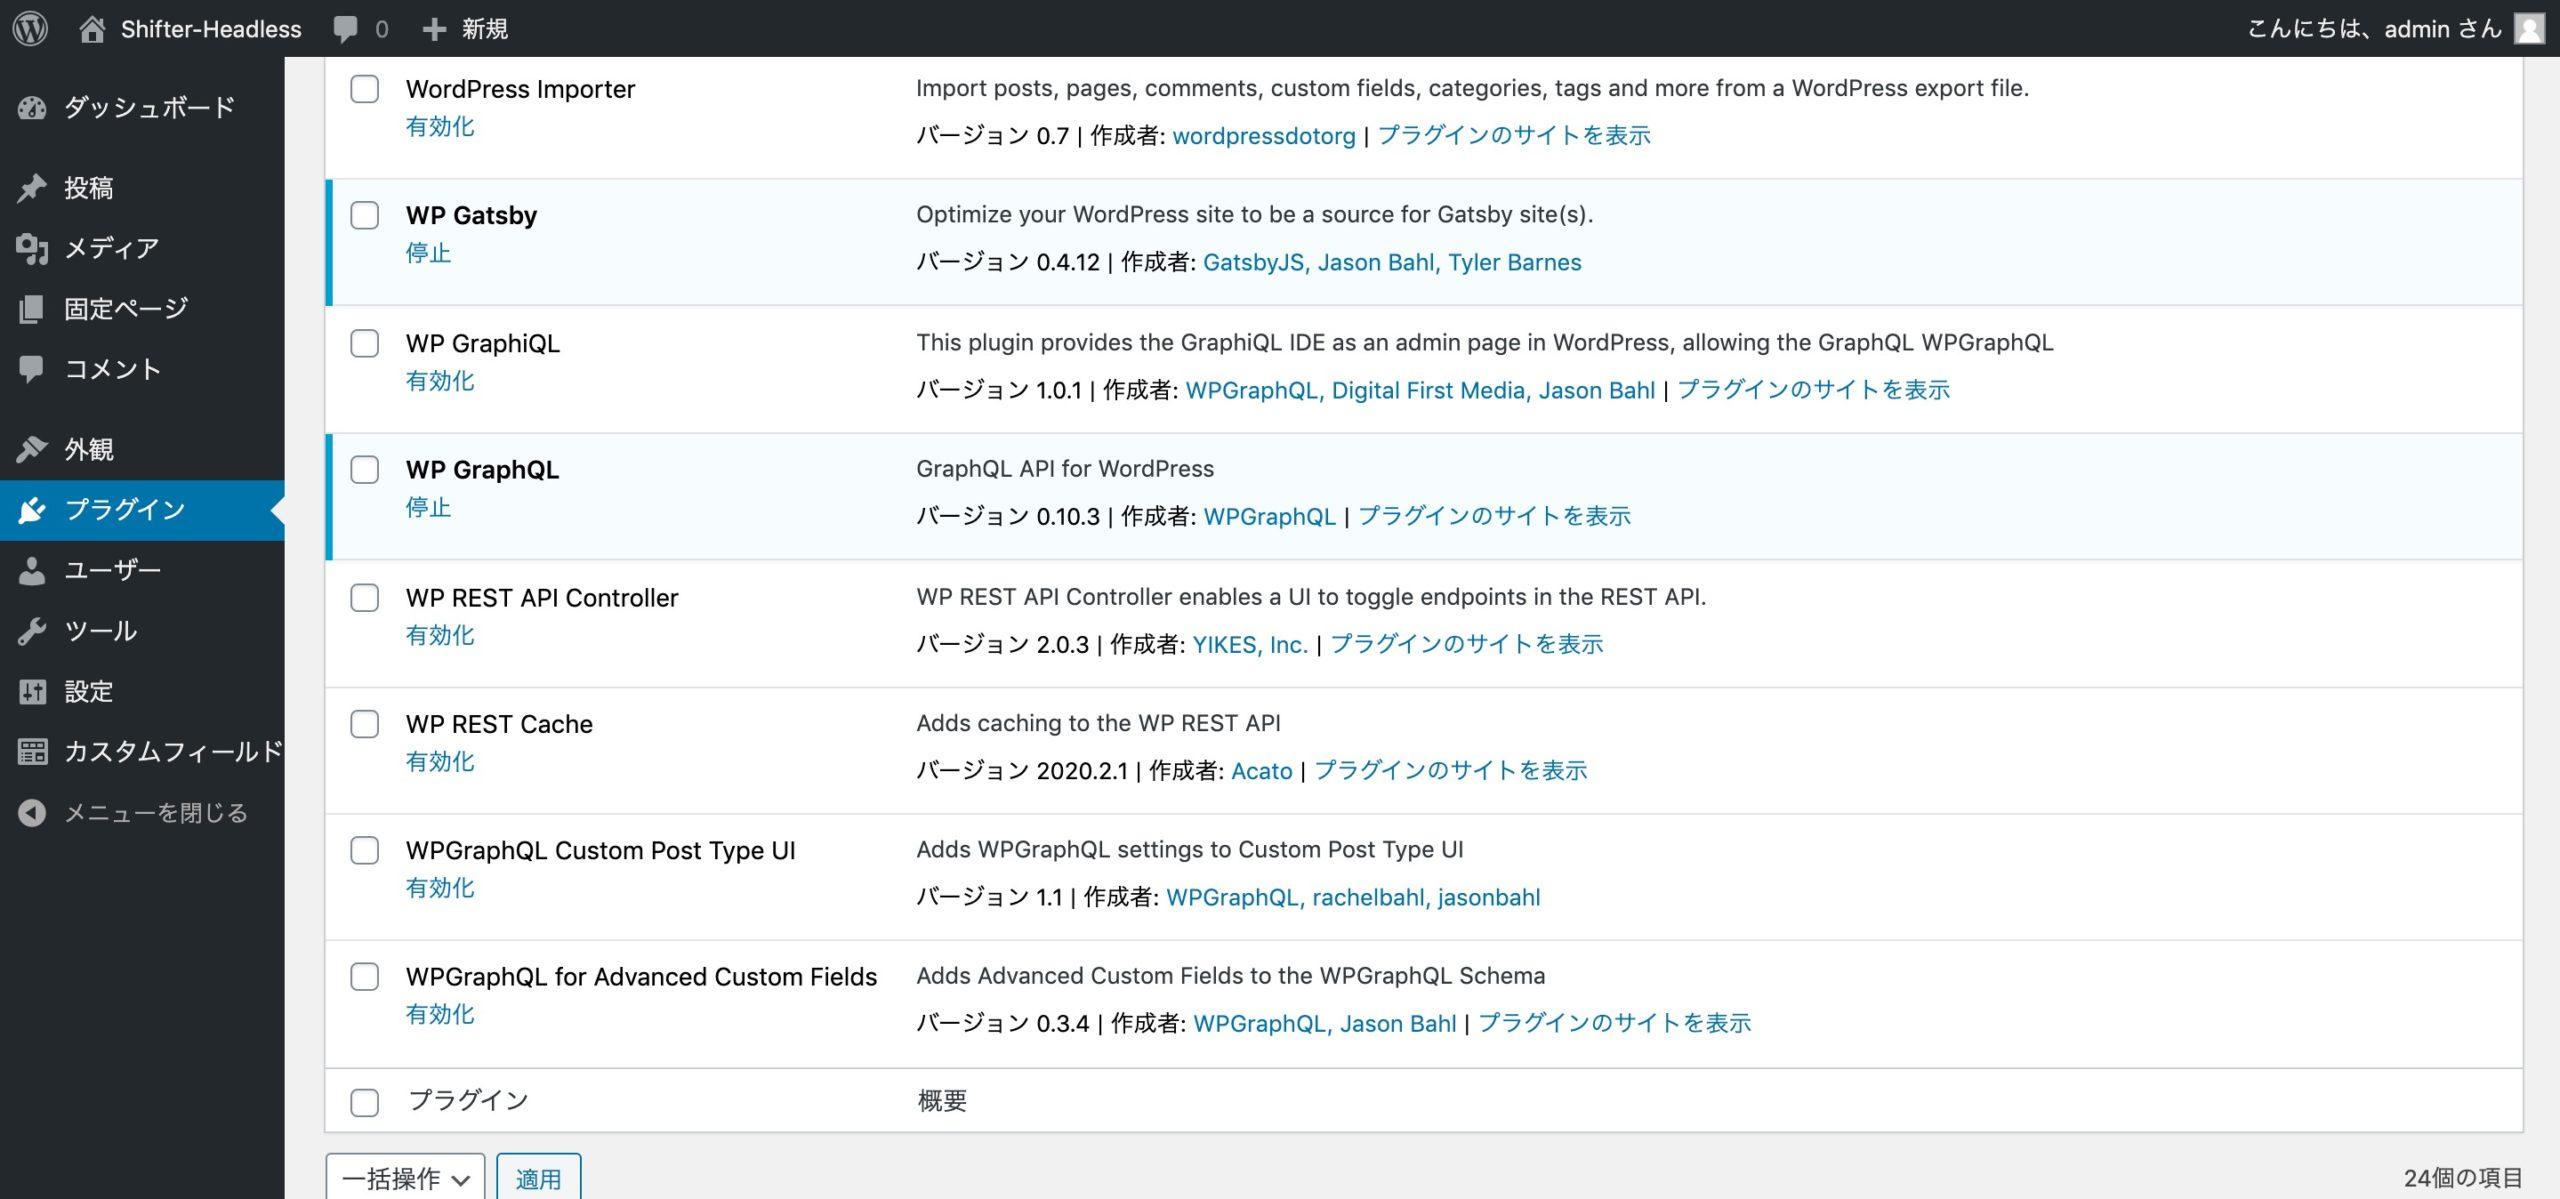 アイキャッチ画像:Shifter Headless + GatsbyJS で WordPress の記事からページを生成する方法